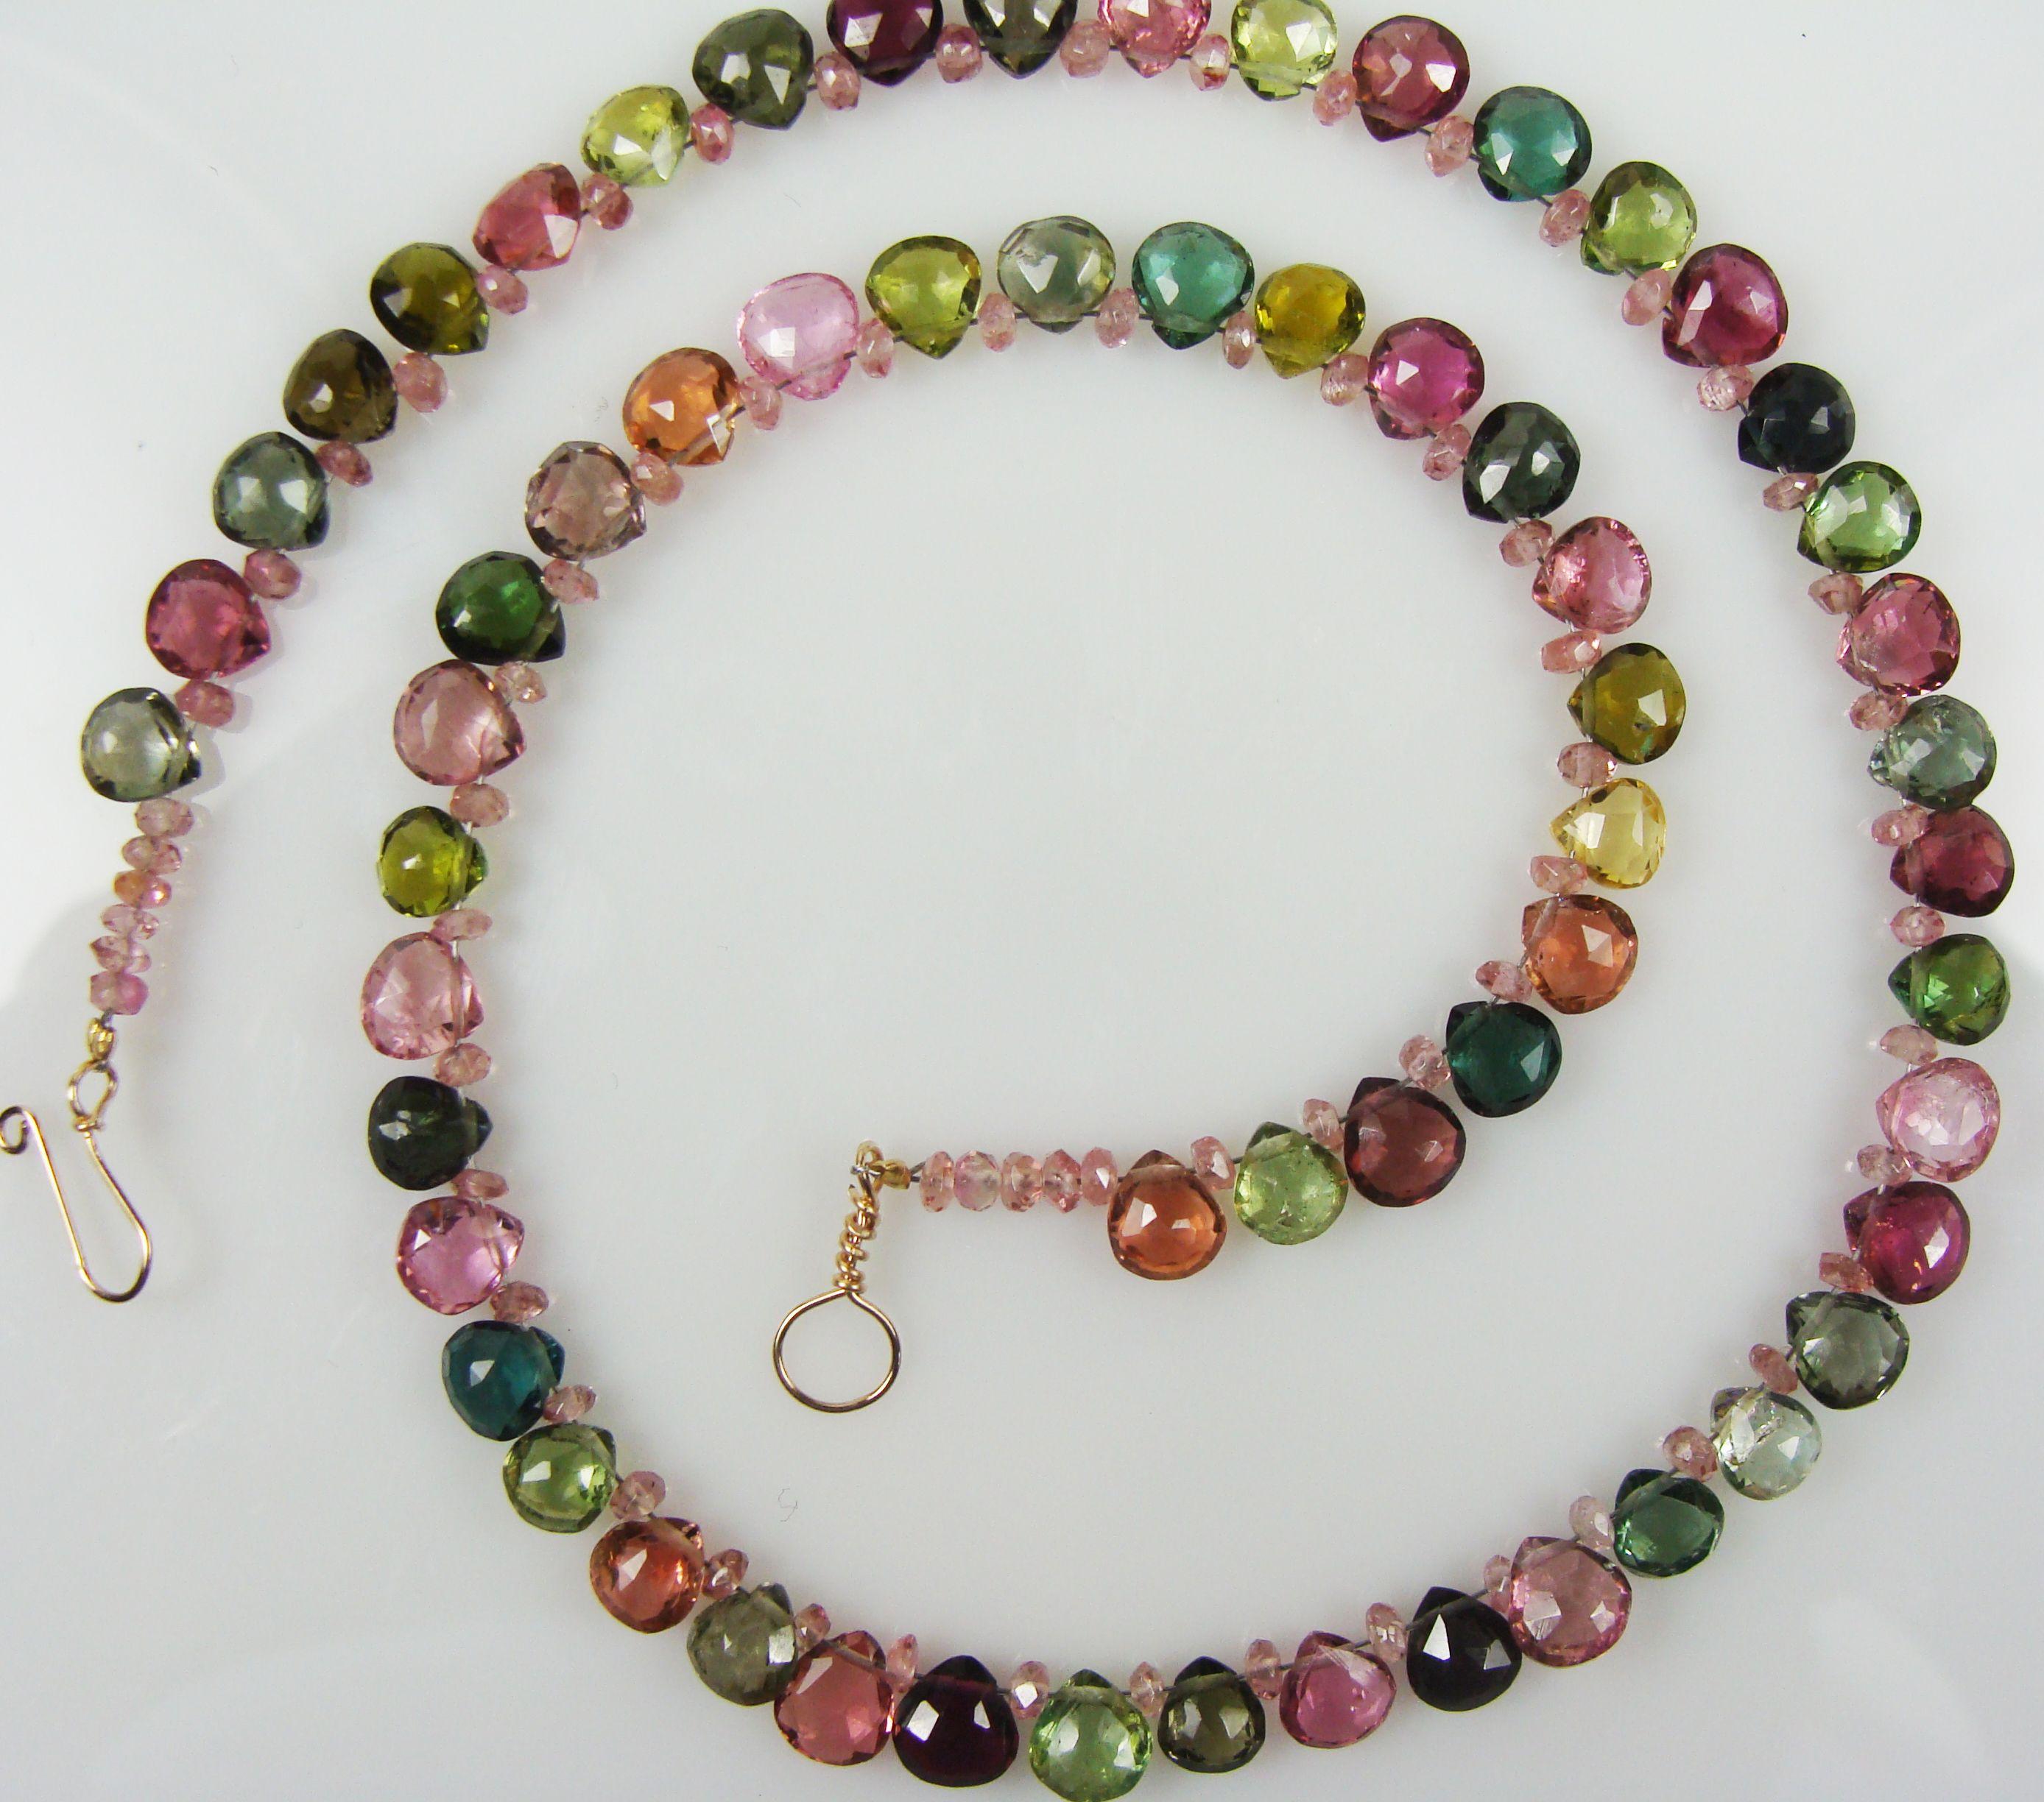 jewelry making | What is Tourmaline? Beautiful! | Jewelry Making ...